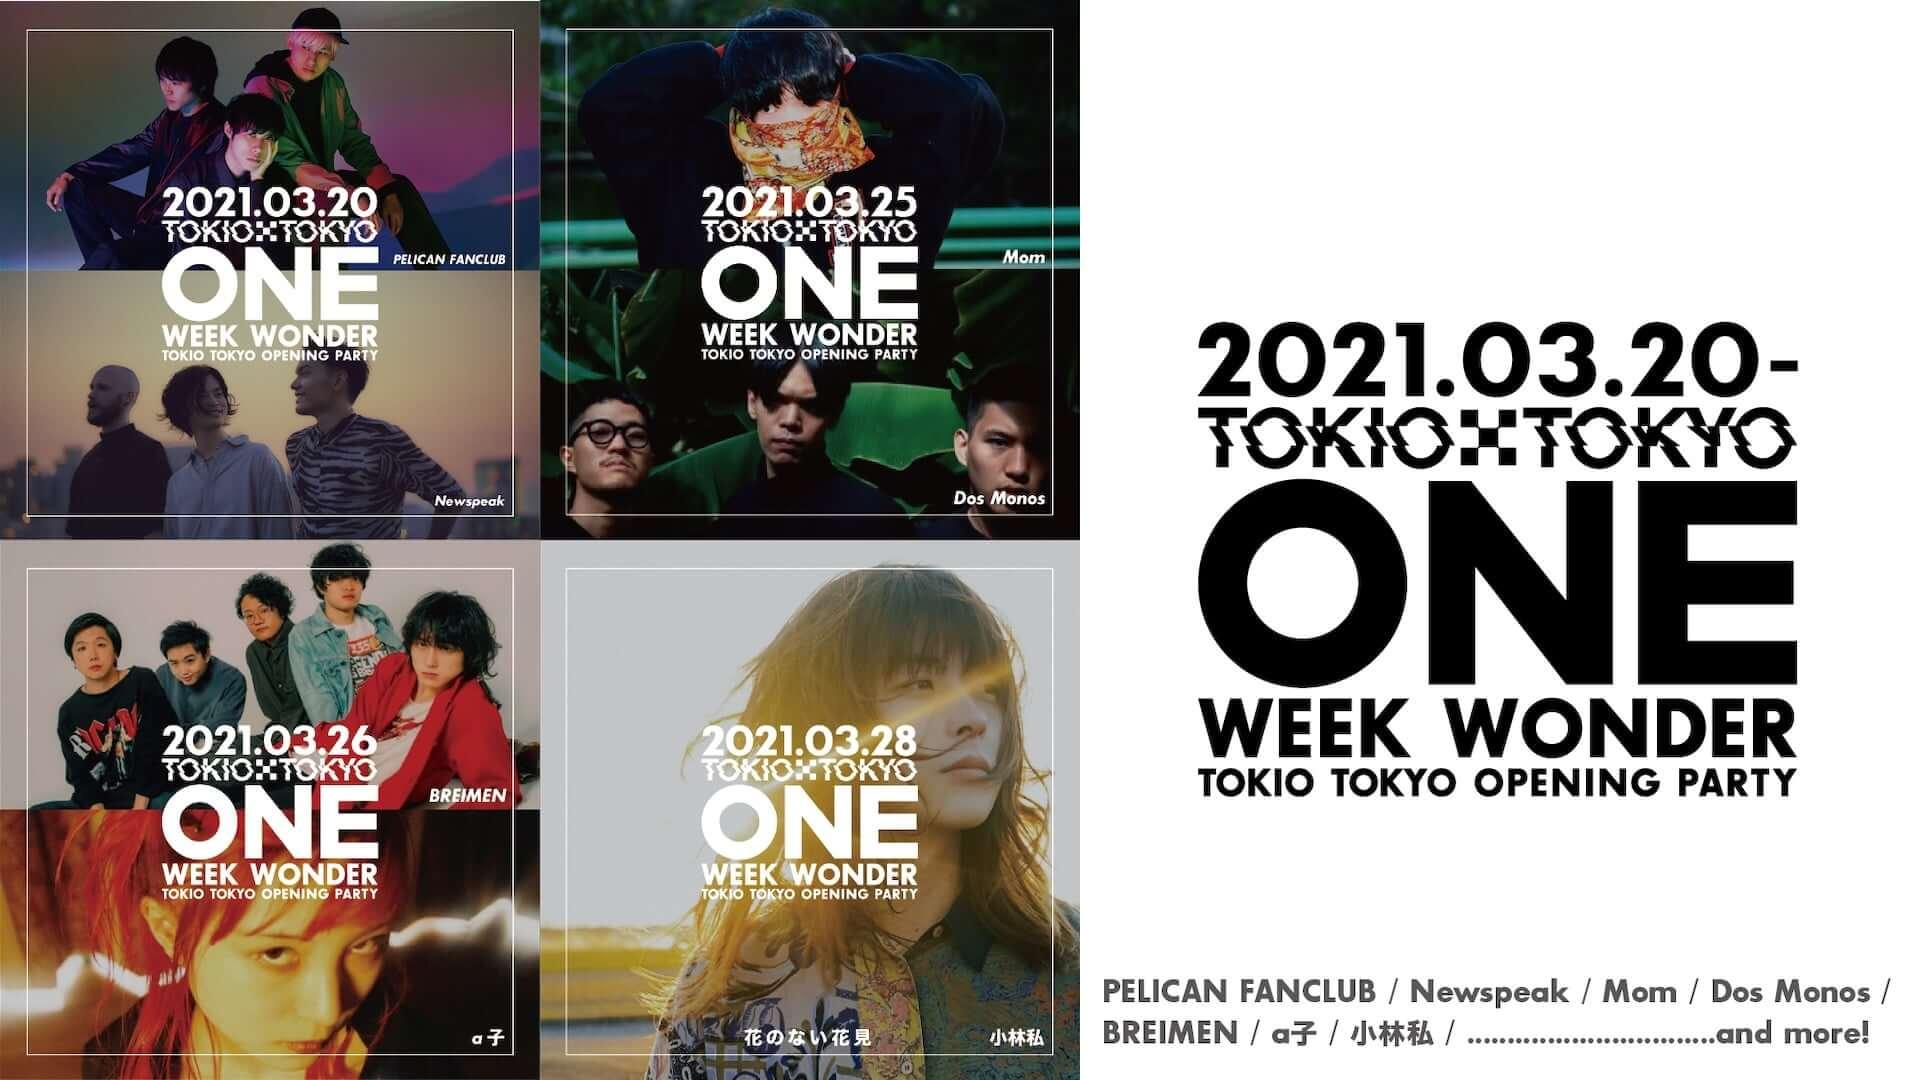 オーダーメイド型ライブハウス「TOKIO TOKYO」が渋谷に誕生!Dos Monos、Mom、Newspeak、BREIMENら出演のオープニングパーティーも実施 music210309_tokio-tokyo_14-1920x1080